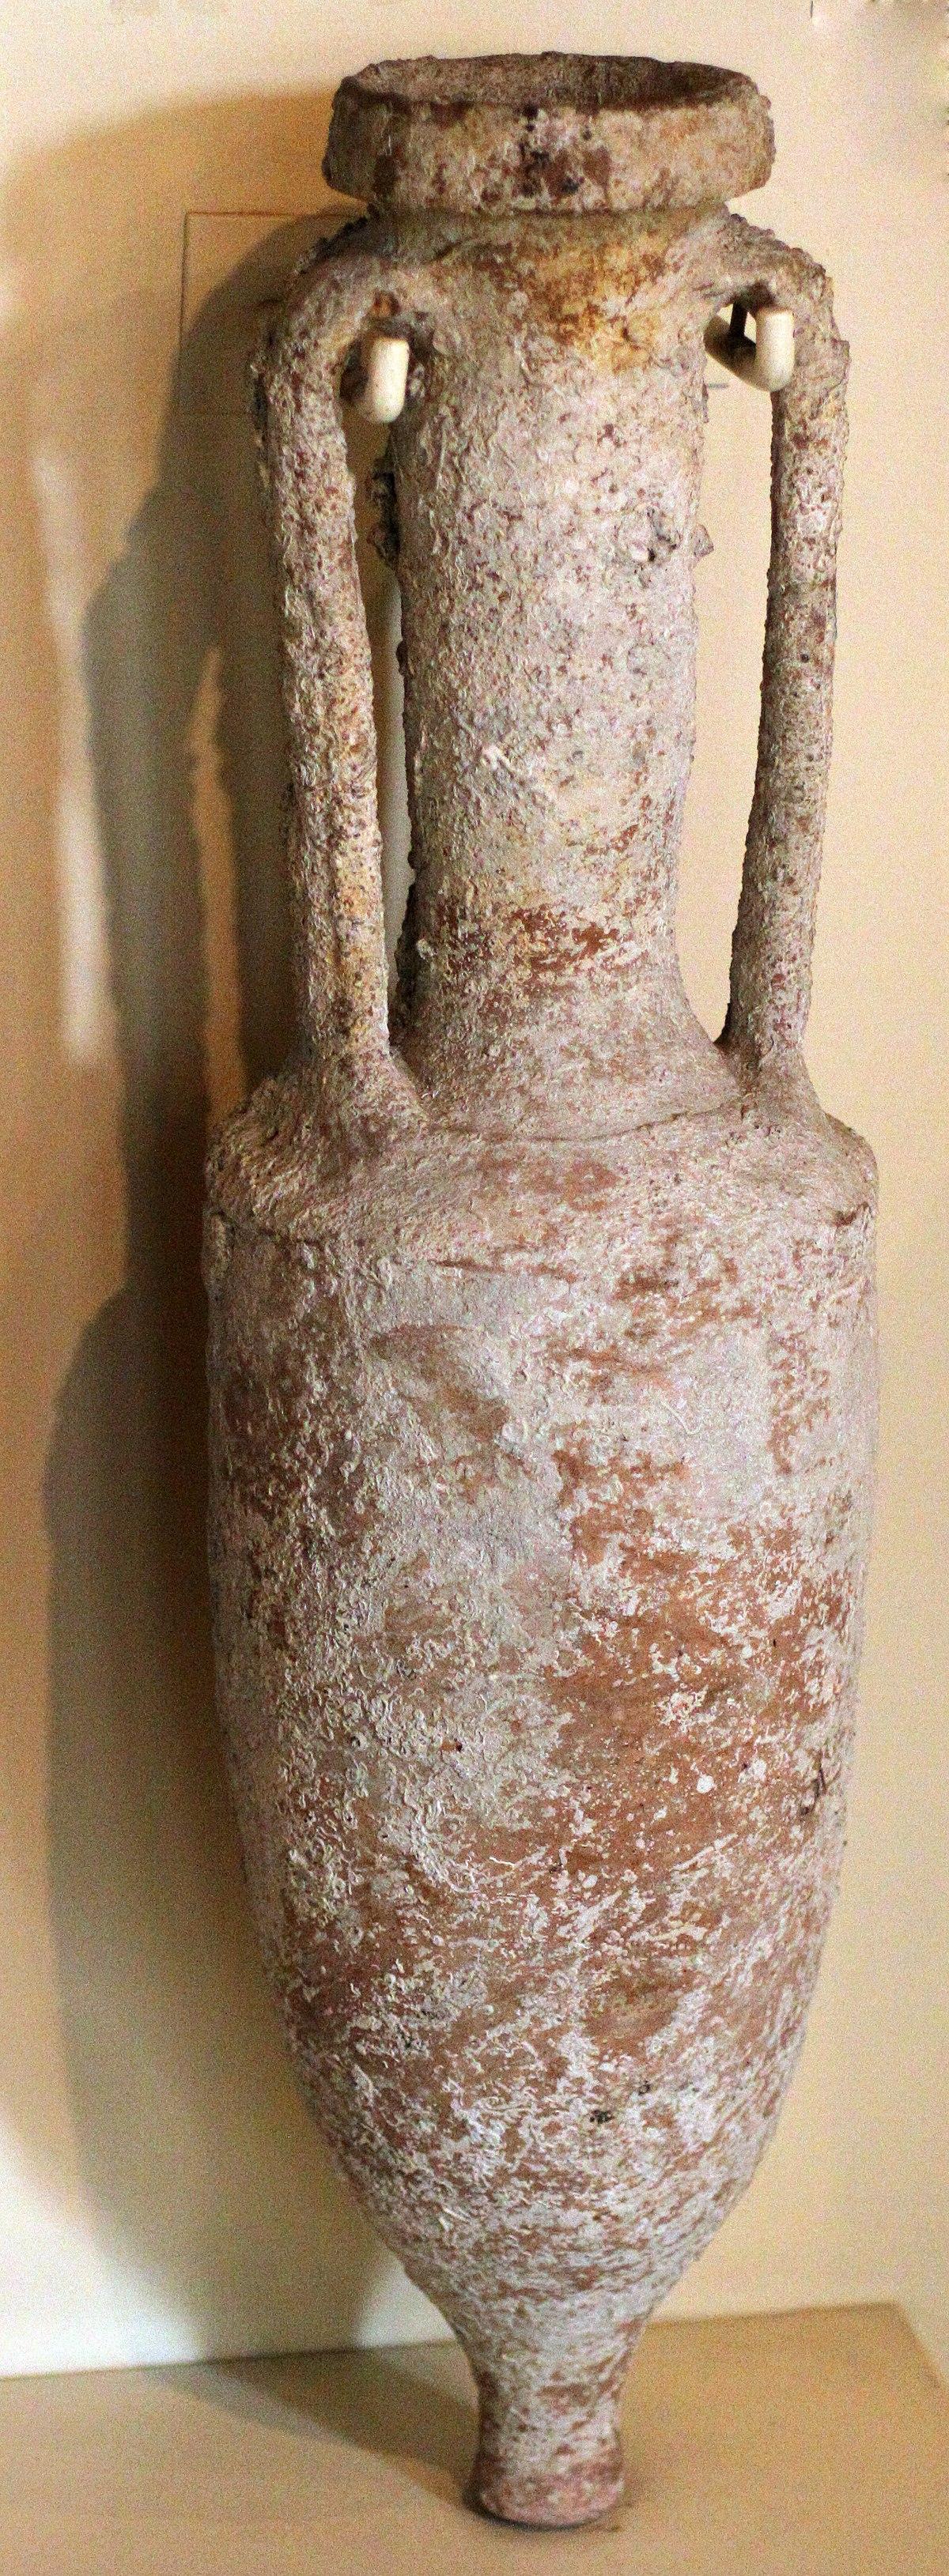 Fichier:Amphore à vin - 200 av JC.JPG — Wikipédia